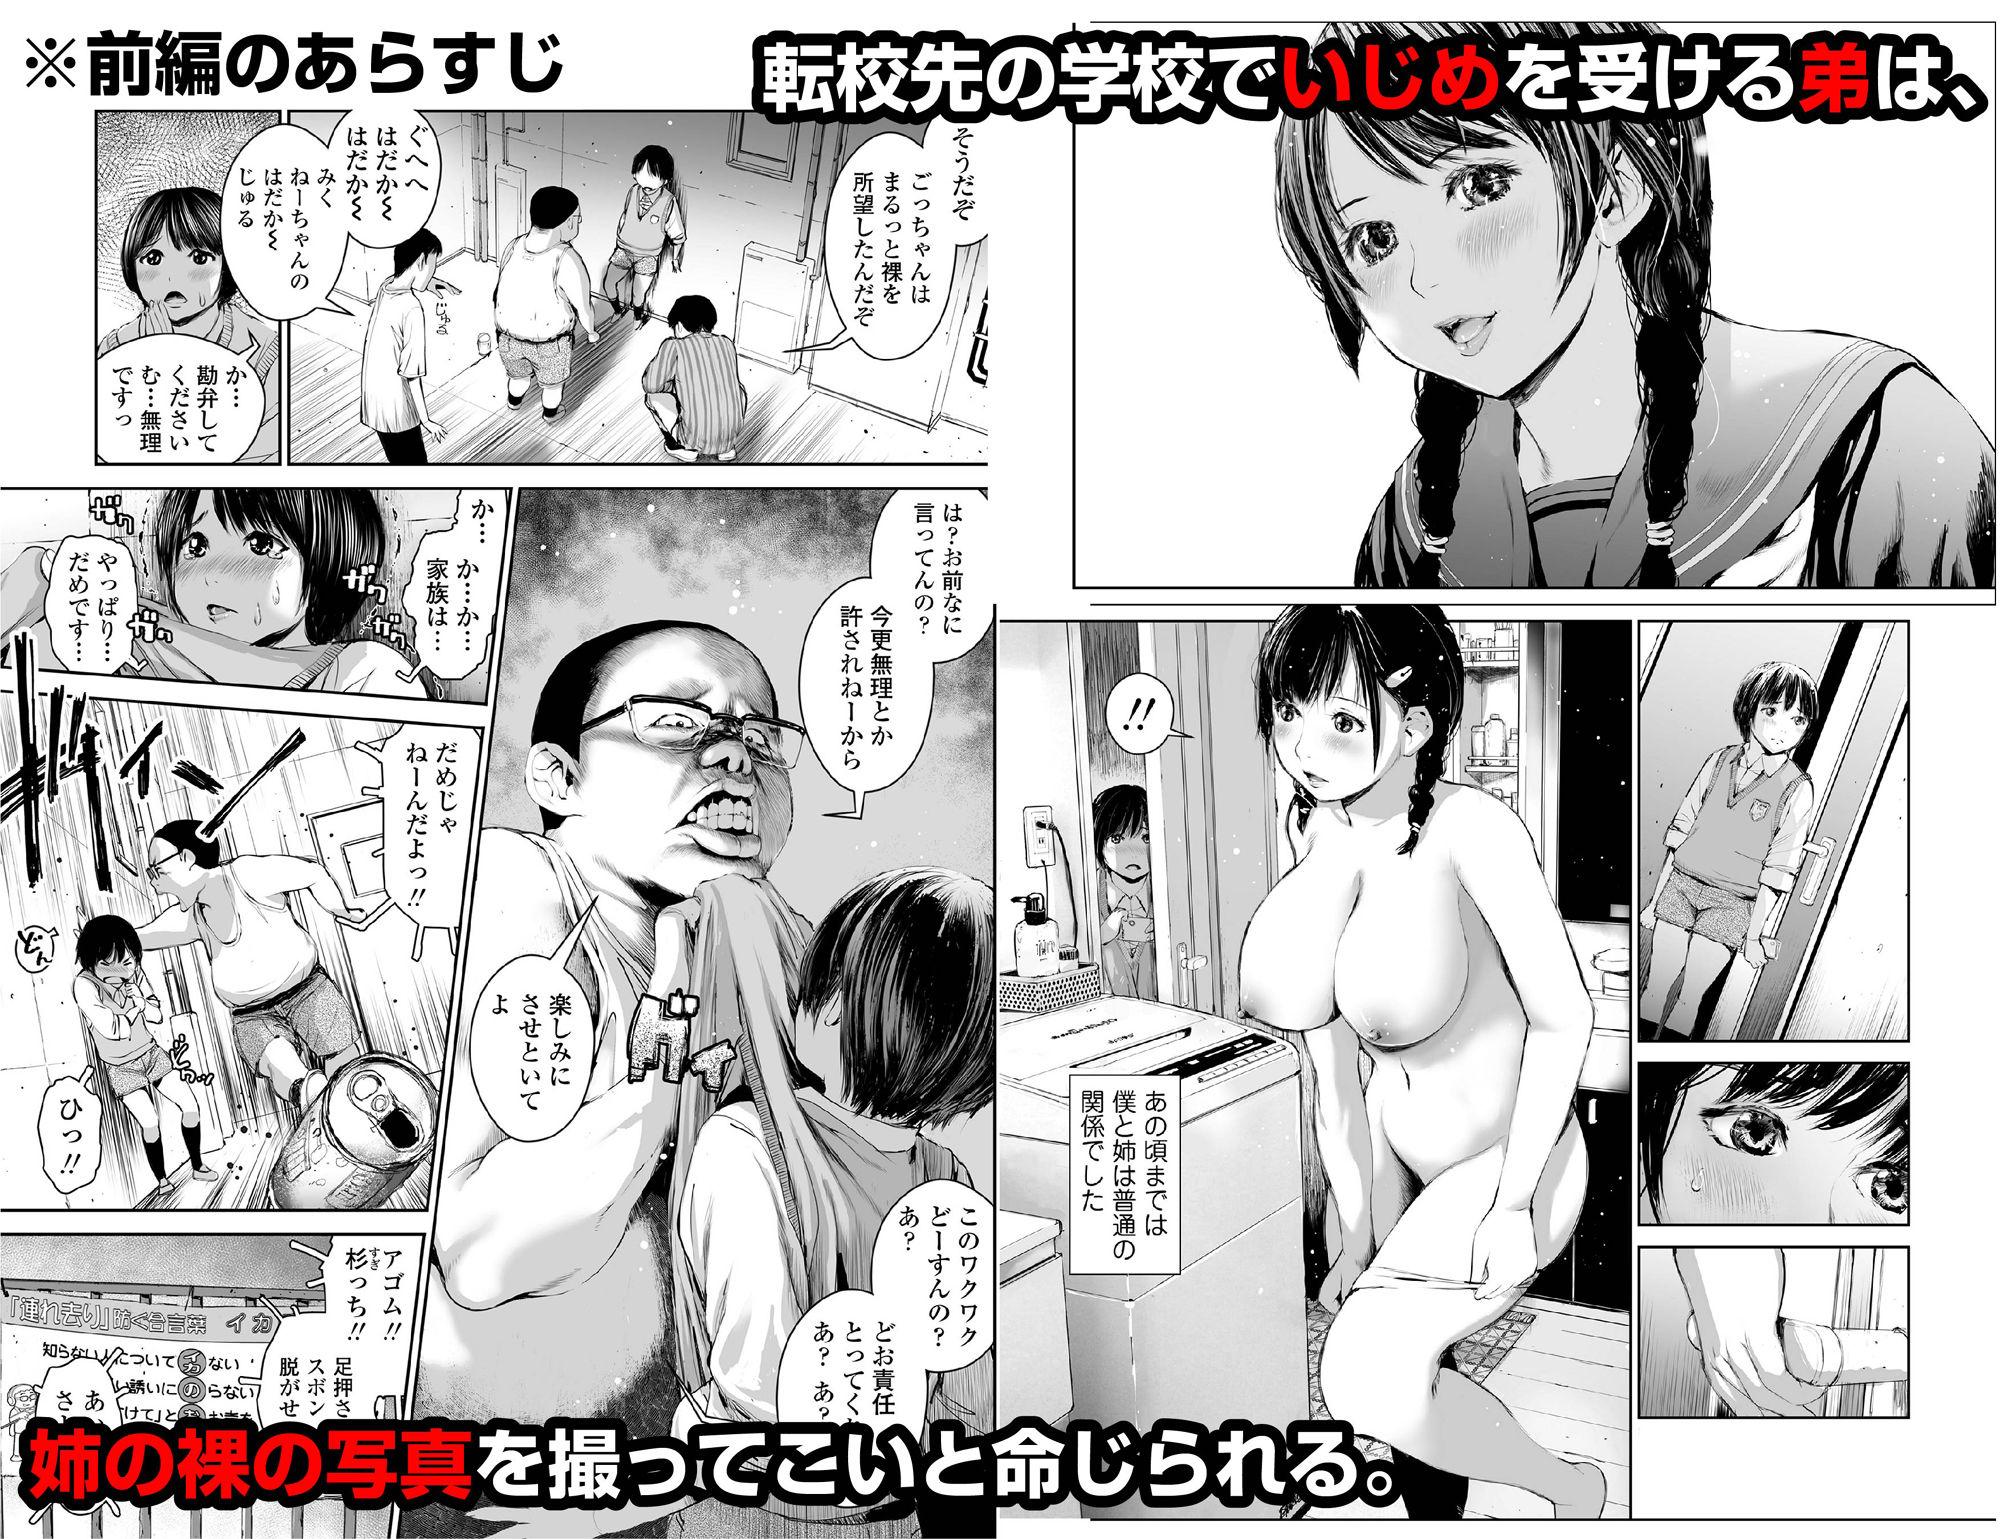 【エロ漫画】姉を売った2 娼年Mがみた大人の性暴力 閉鎖的な田舎で‥「サークル:三崎」【同人誌・コミック】#1